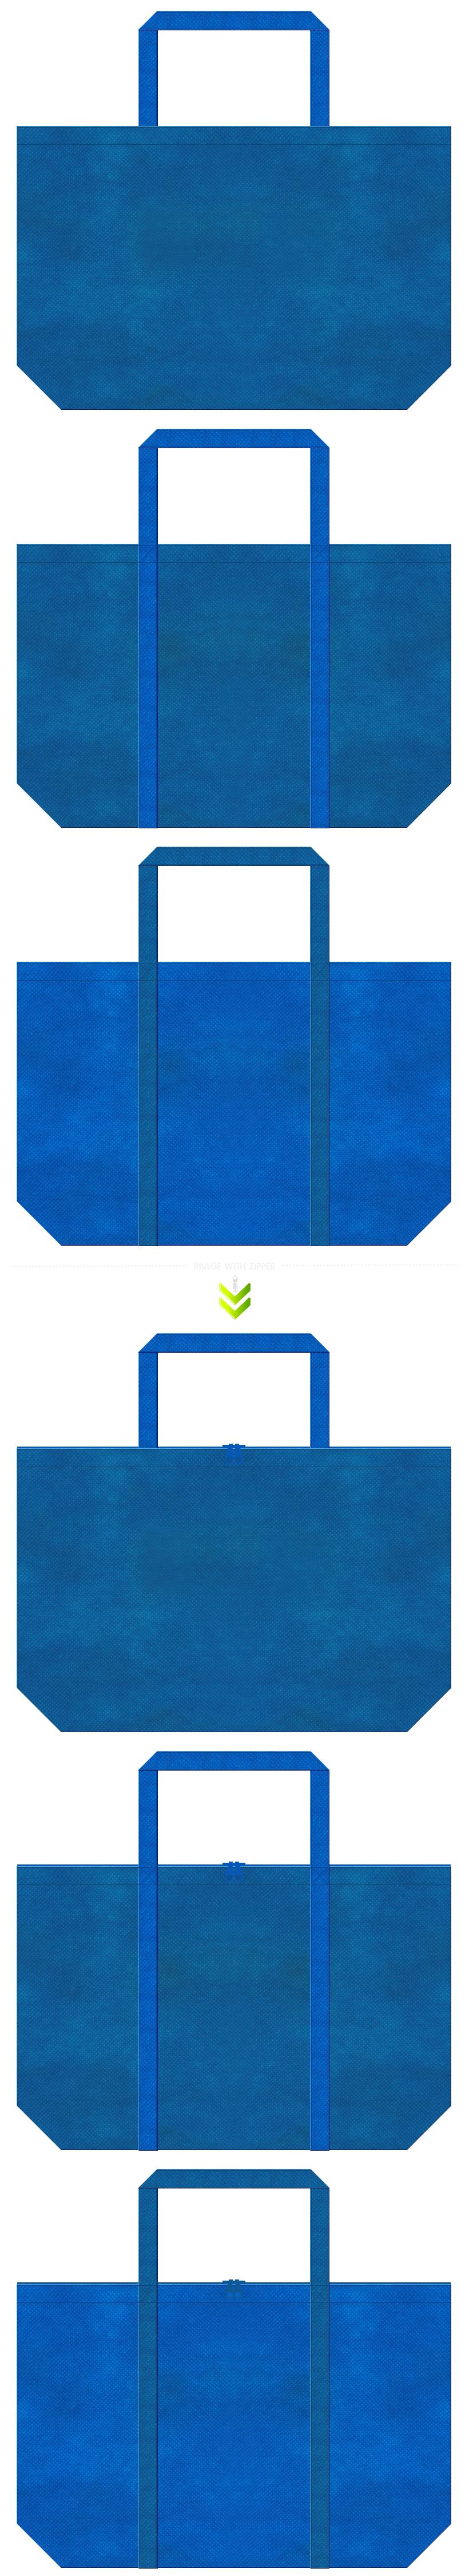 不織布トートバッグ 舟底タイプ 不織布カラーNo.28スポルトブルーとNo.22スカイブルーの組み合わせ